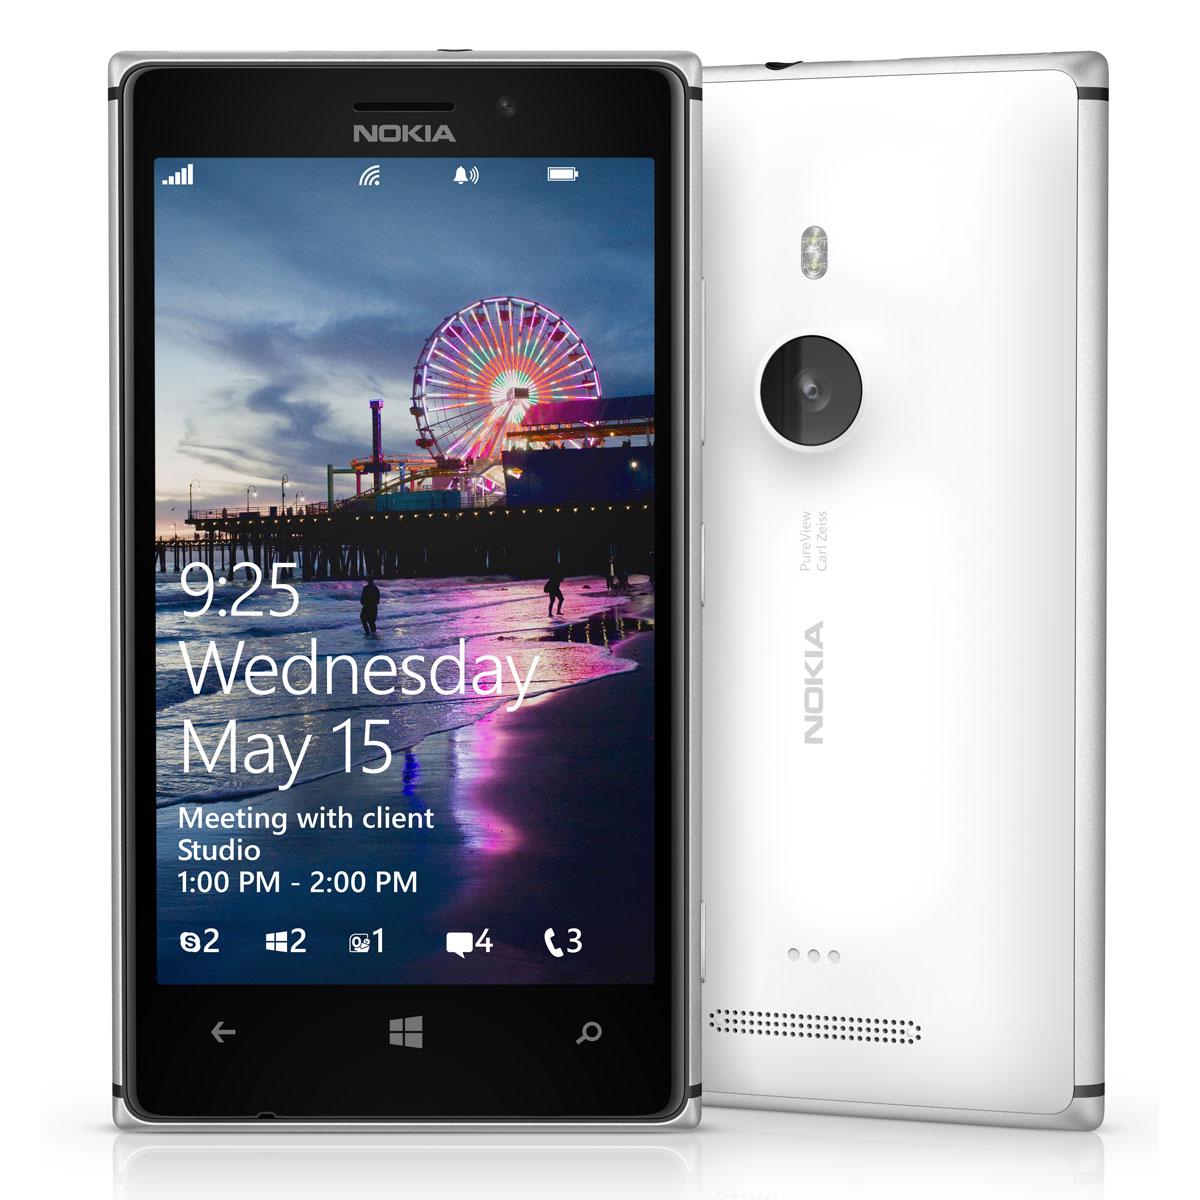 Retrouvez notre test complet du Nokia Lumia 830 sous Windows Phone 8.1